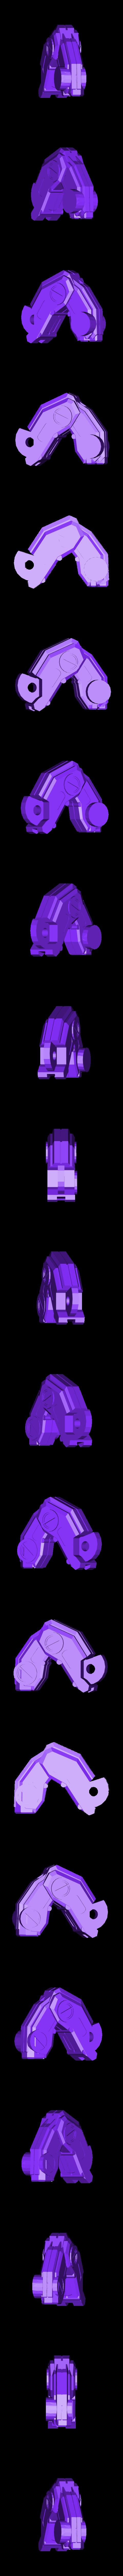 Linebacker_Right_Upper_Leg.stl Download free STL file MechWarrior Linebacker • 3D printable model, mrhers2